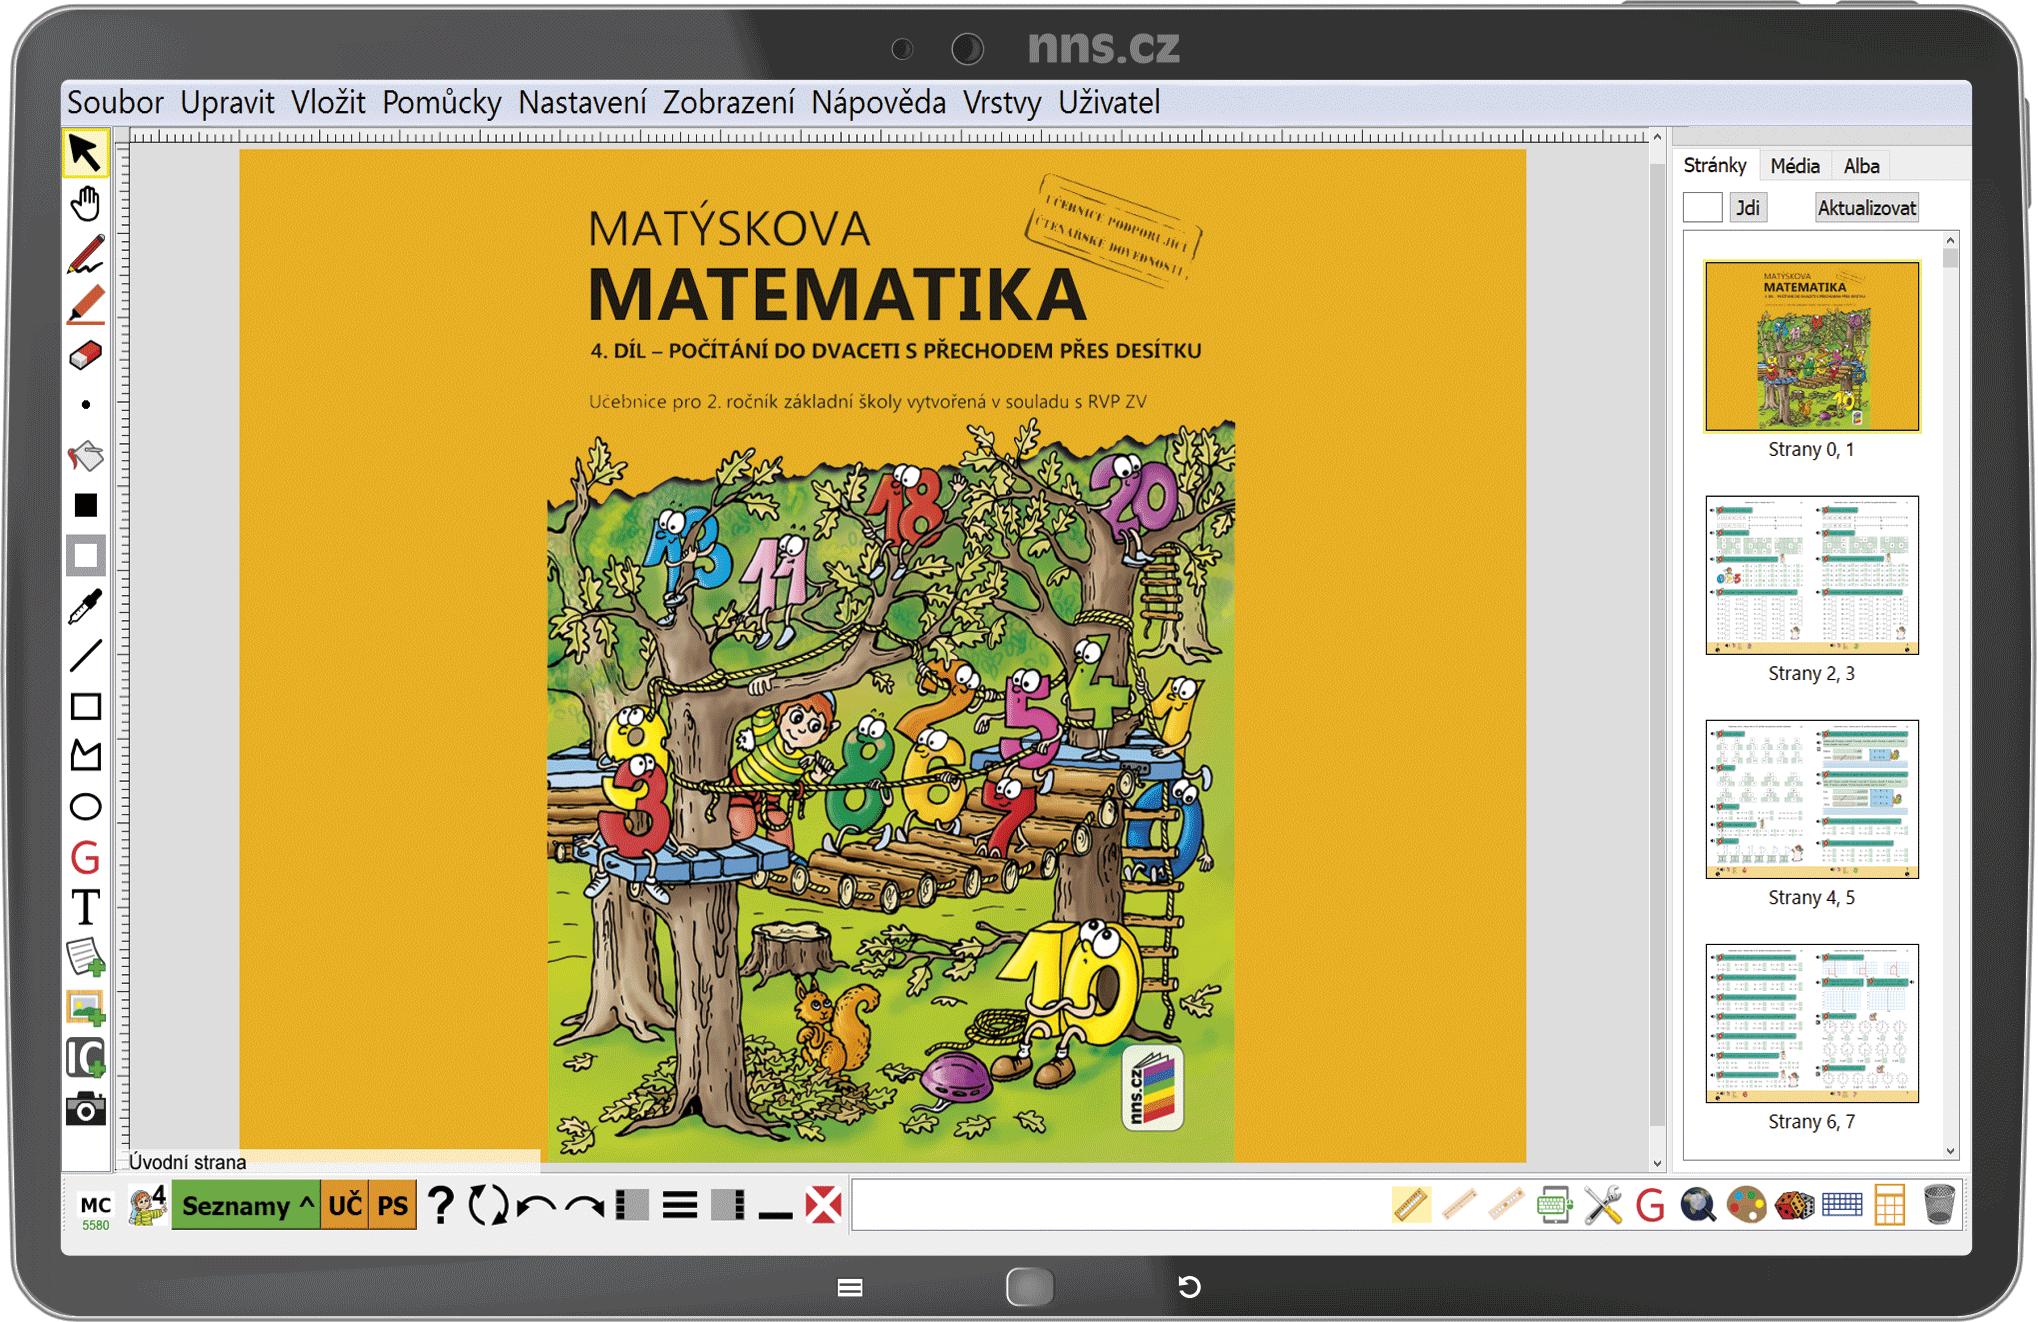 MIUč+ Matýskova matematika 2 (4., 5. a 6. díl) časově neomezená školní multilicence